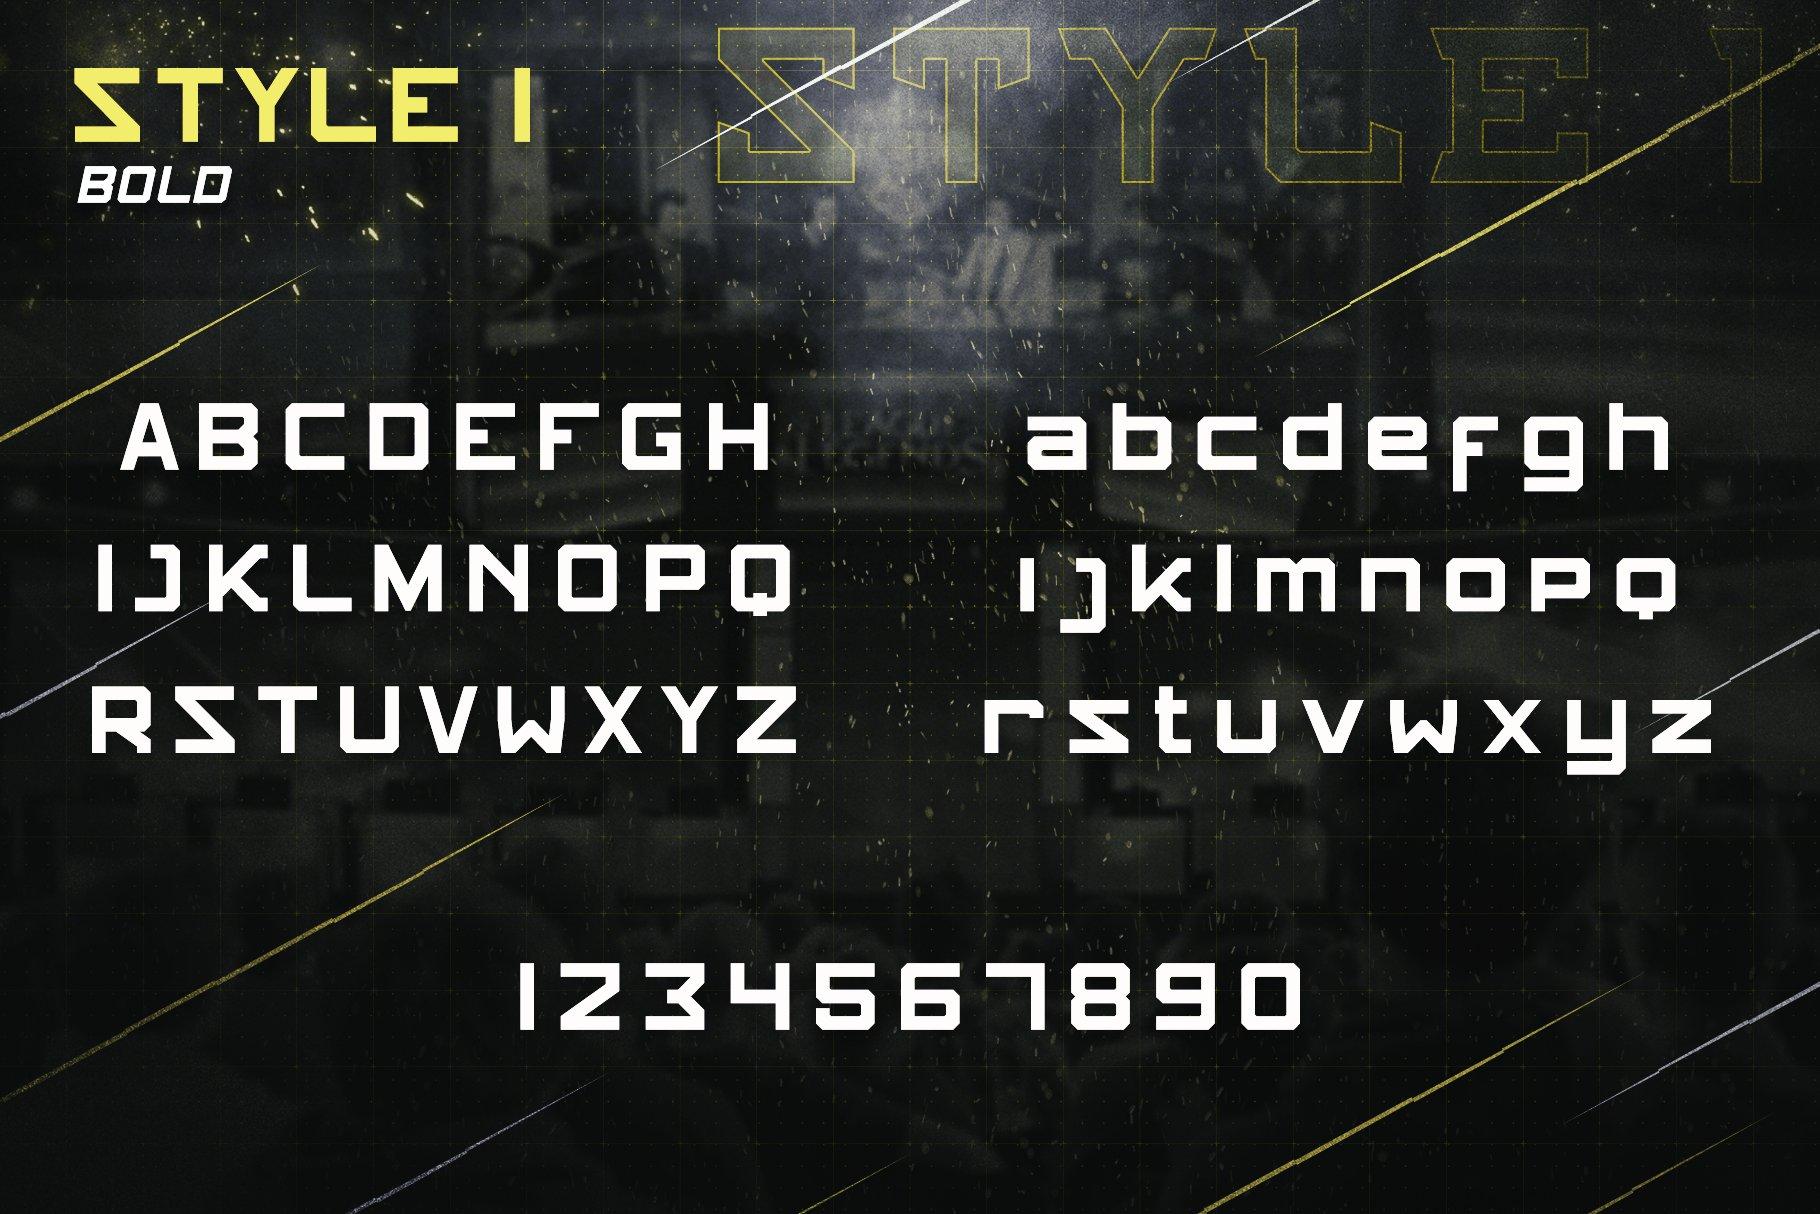 体育电竞行业品牌LOGO海报标题文字设计无衬线英文字体素材 STUNNER – NFC Font Family插图(3)